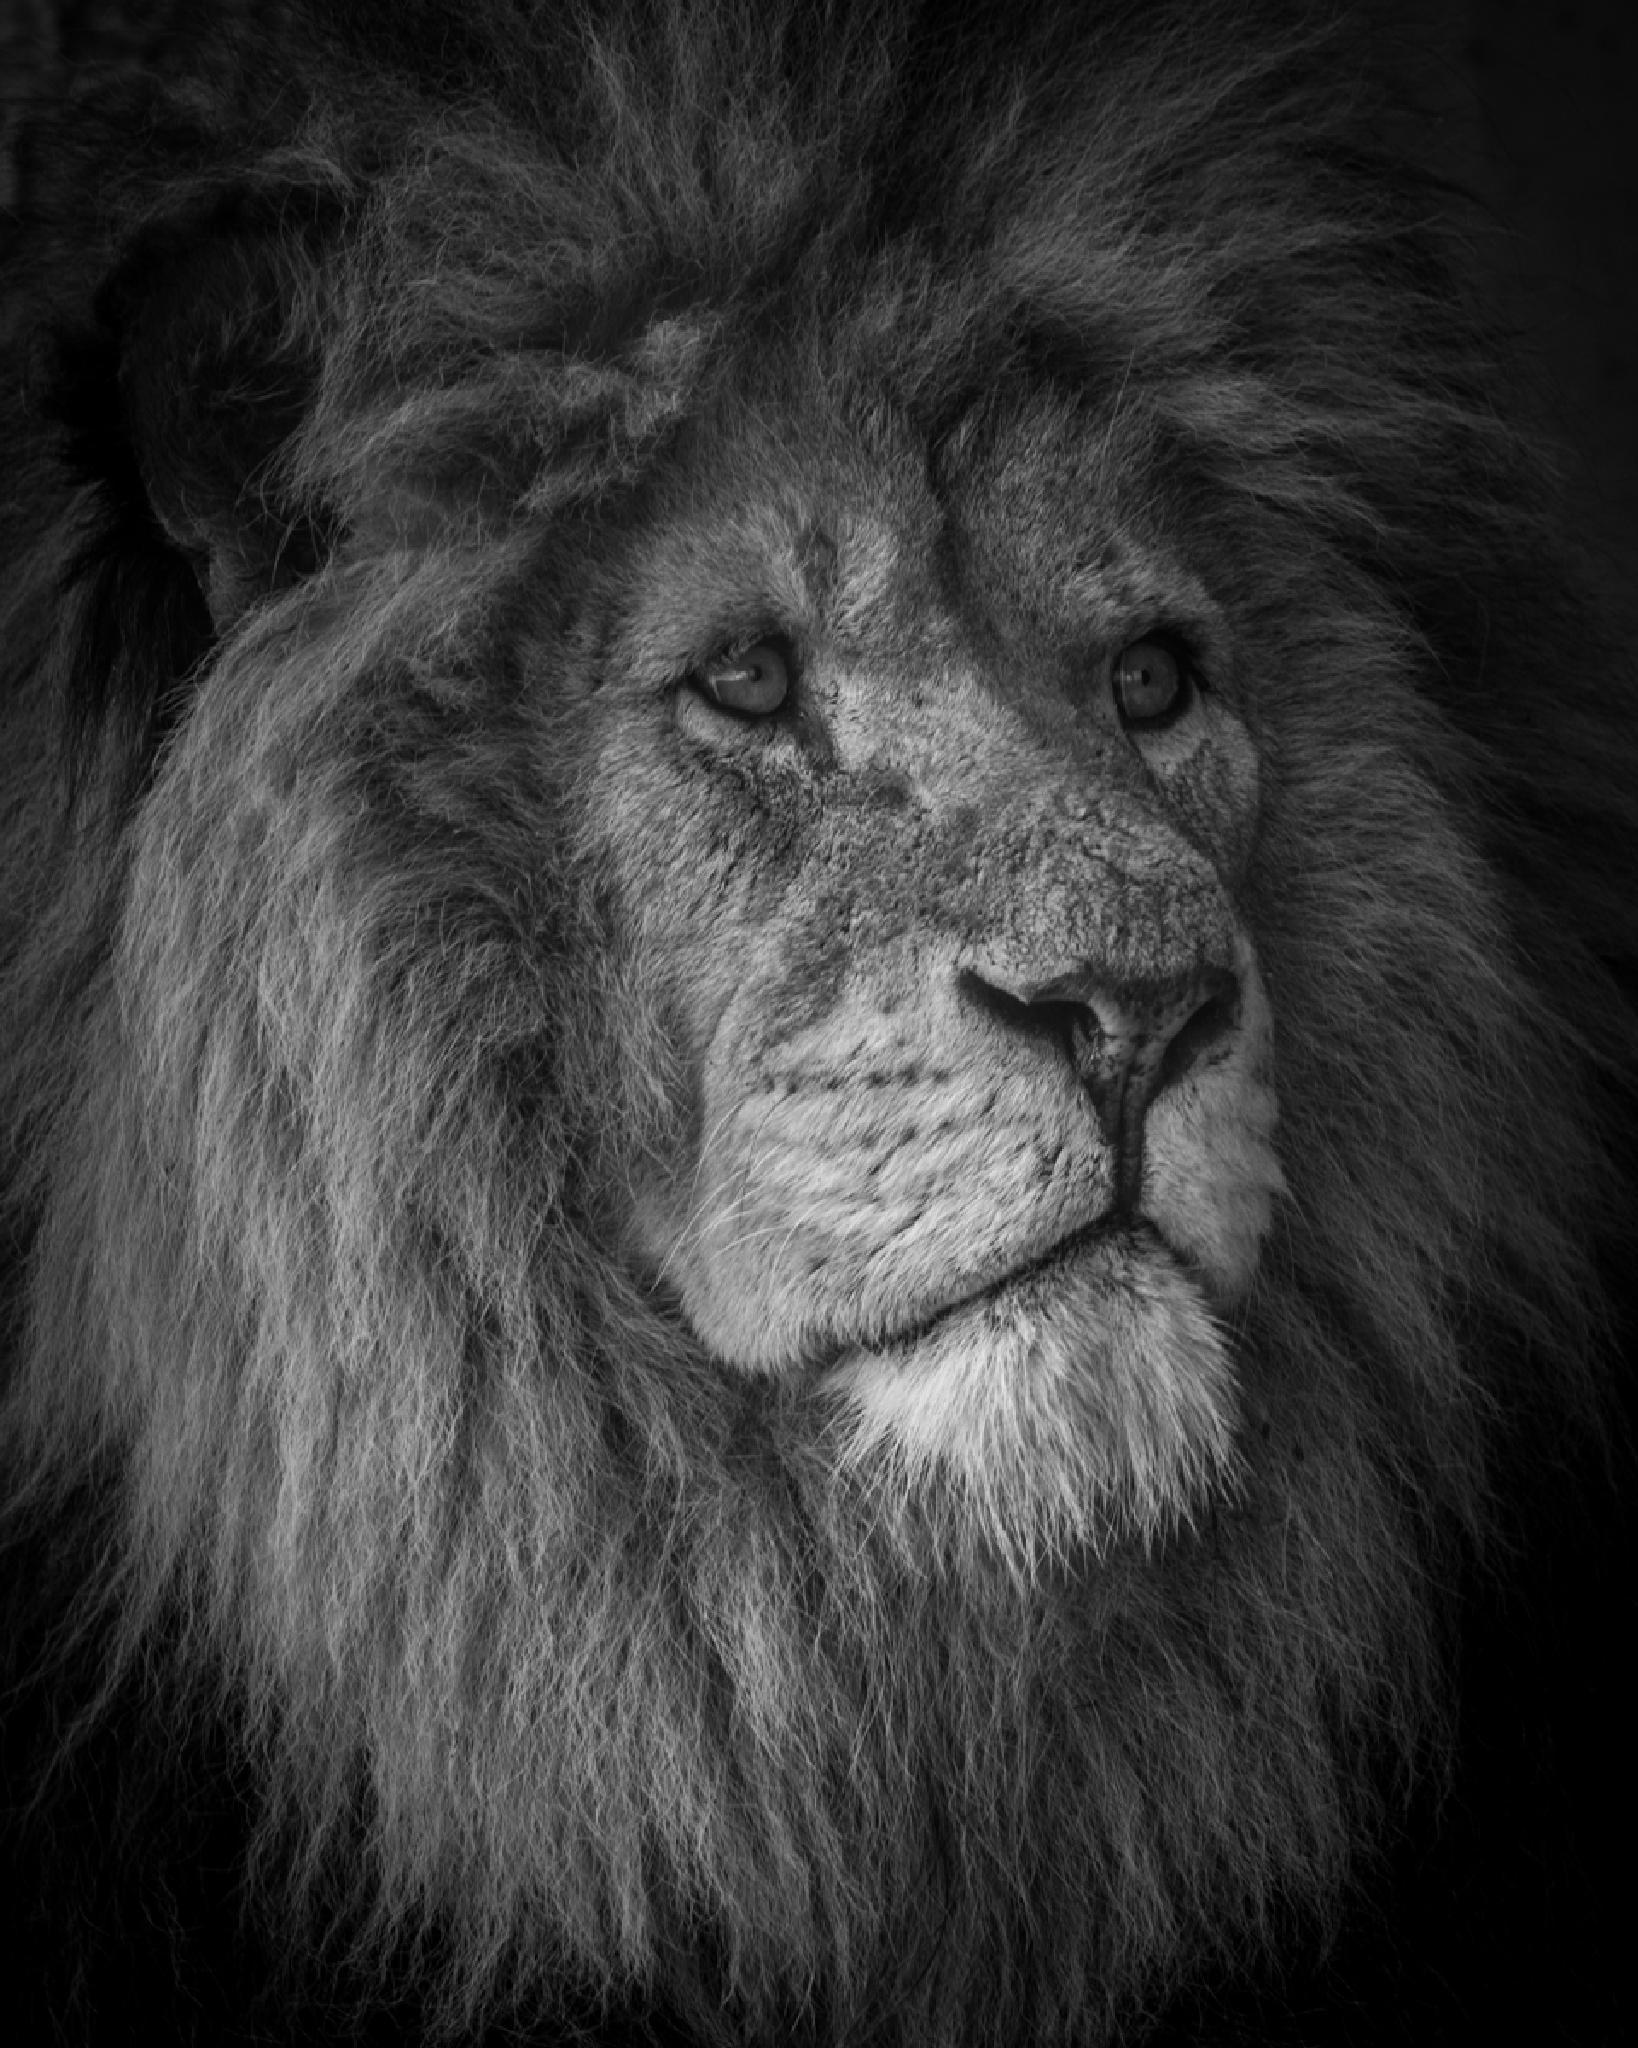 The King by Marac Andrzej Kolodzinski